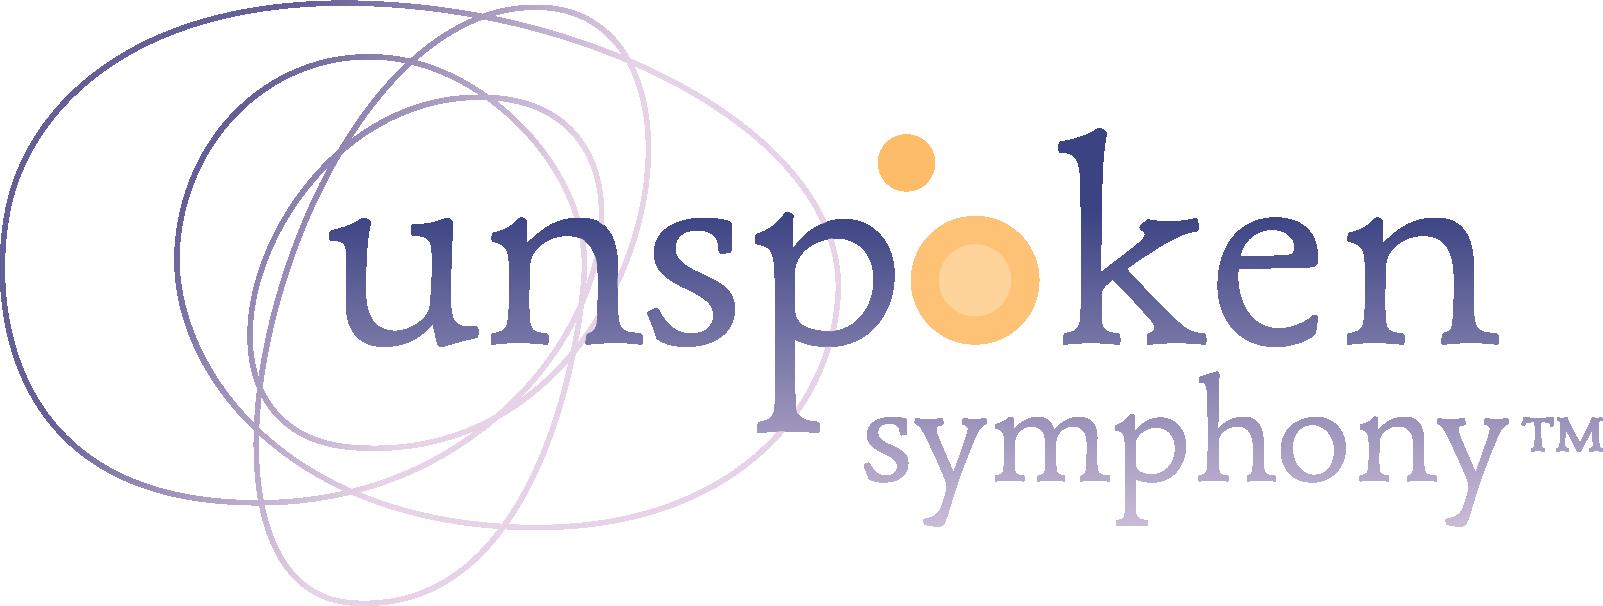 unspoken symphony logo